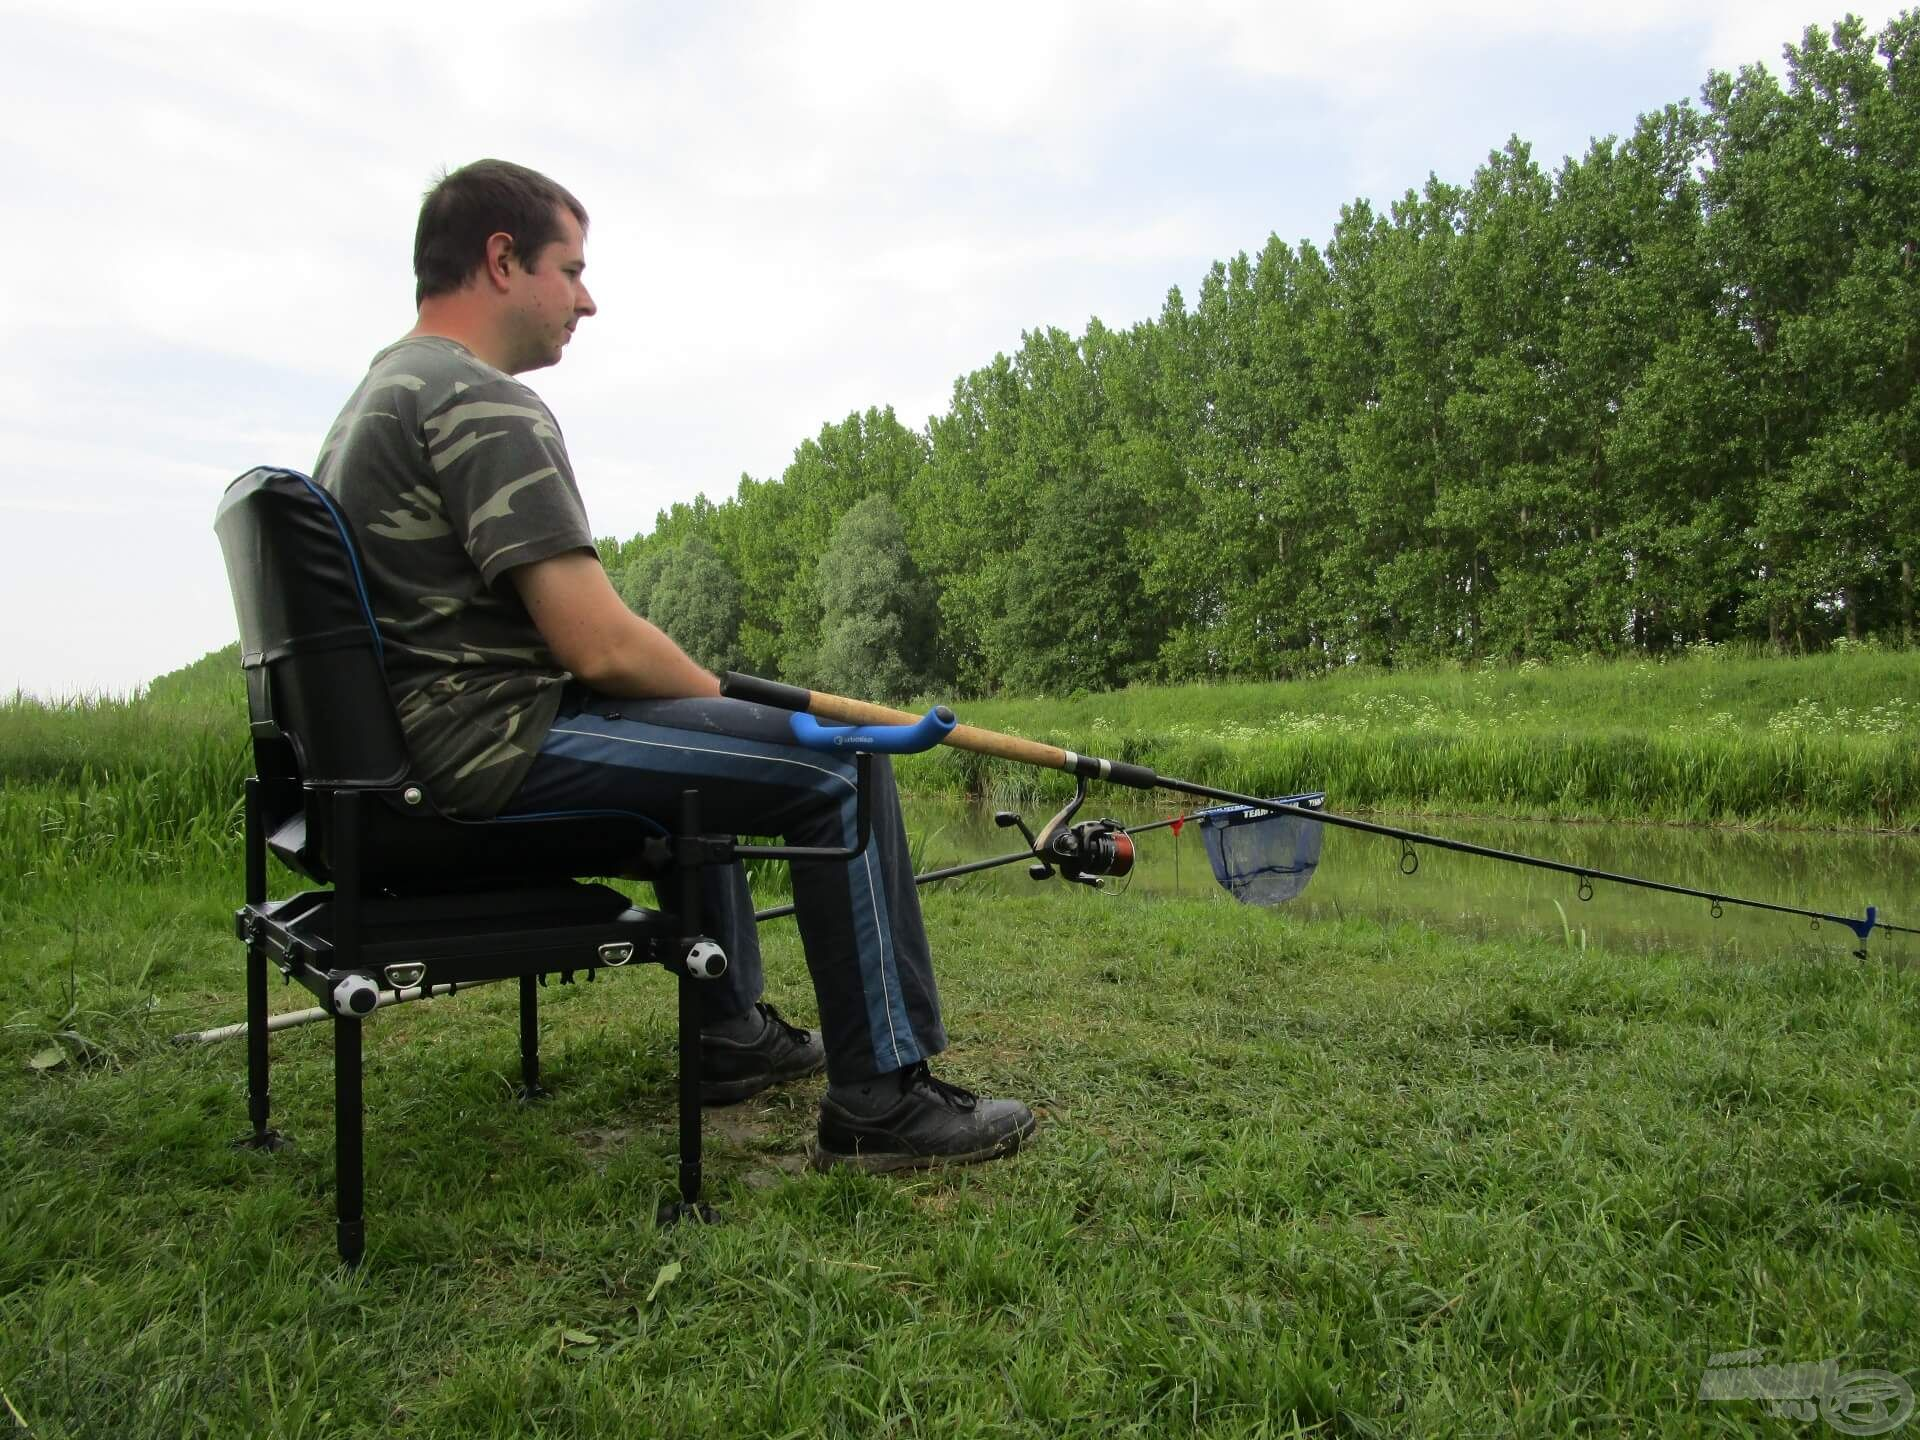 Közeledett a horgászat vége, de még vártam egy keveset, hátha horogra akad egy nagyobb példány